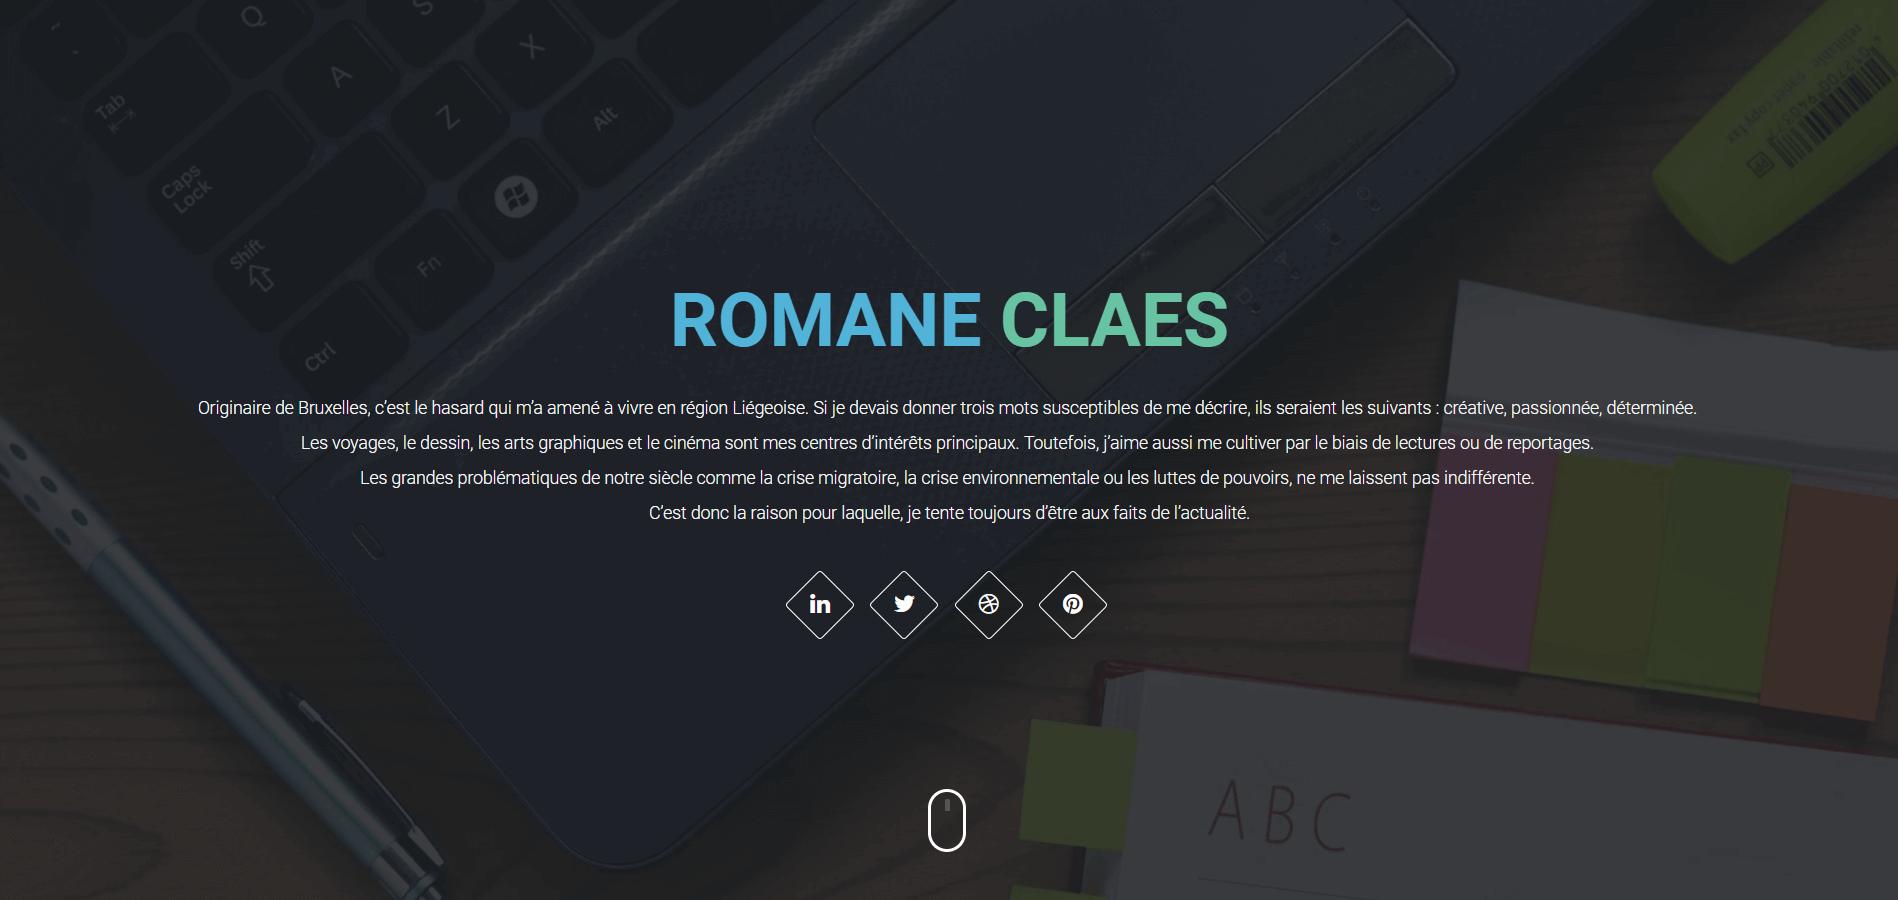 Illustration du site web créé pour Romane Claes